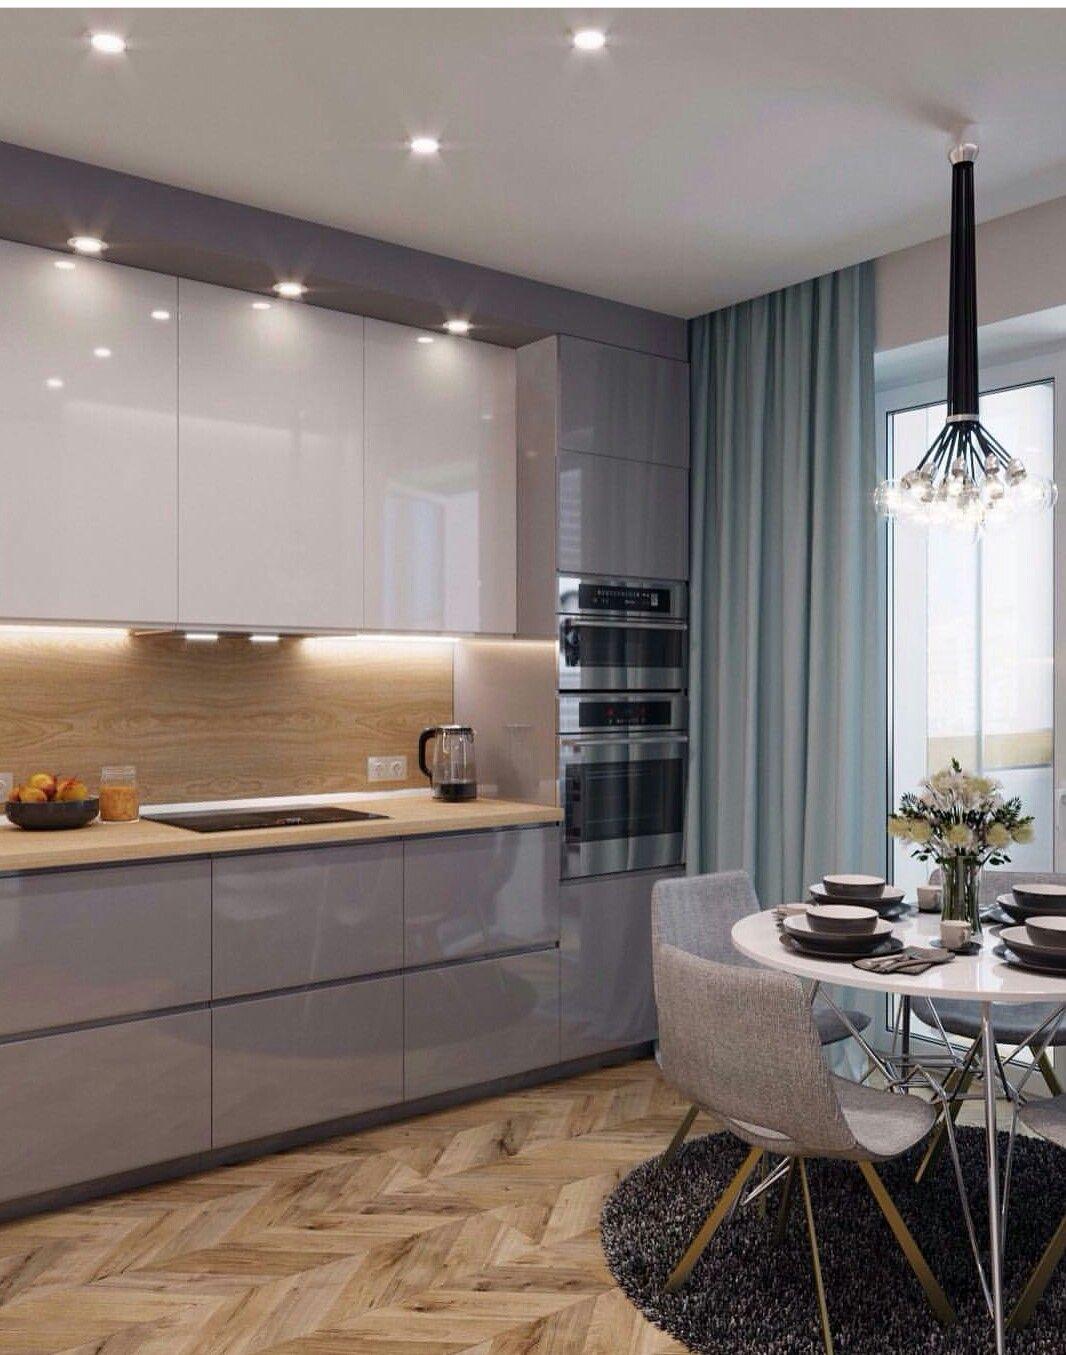 Cozinha Em Laca Alto Brilho Cozinha Cinza E Branca Piso Em Escama